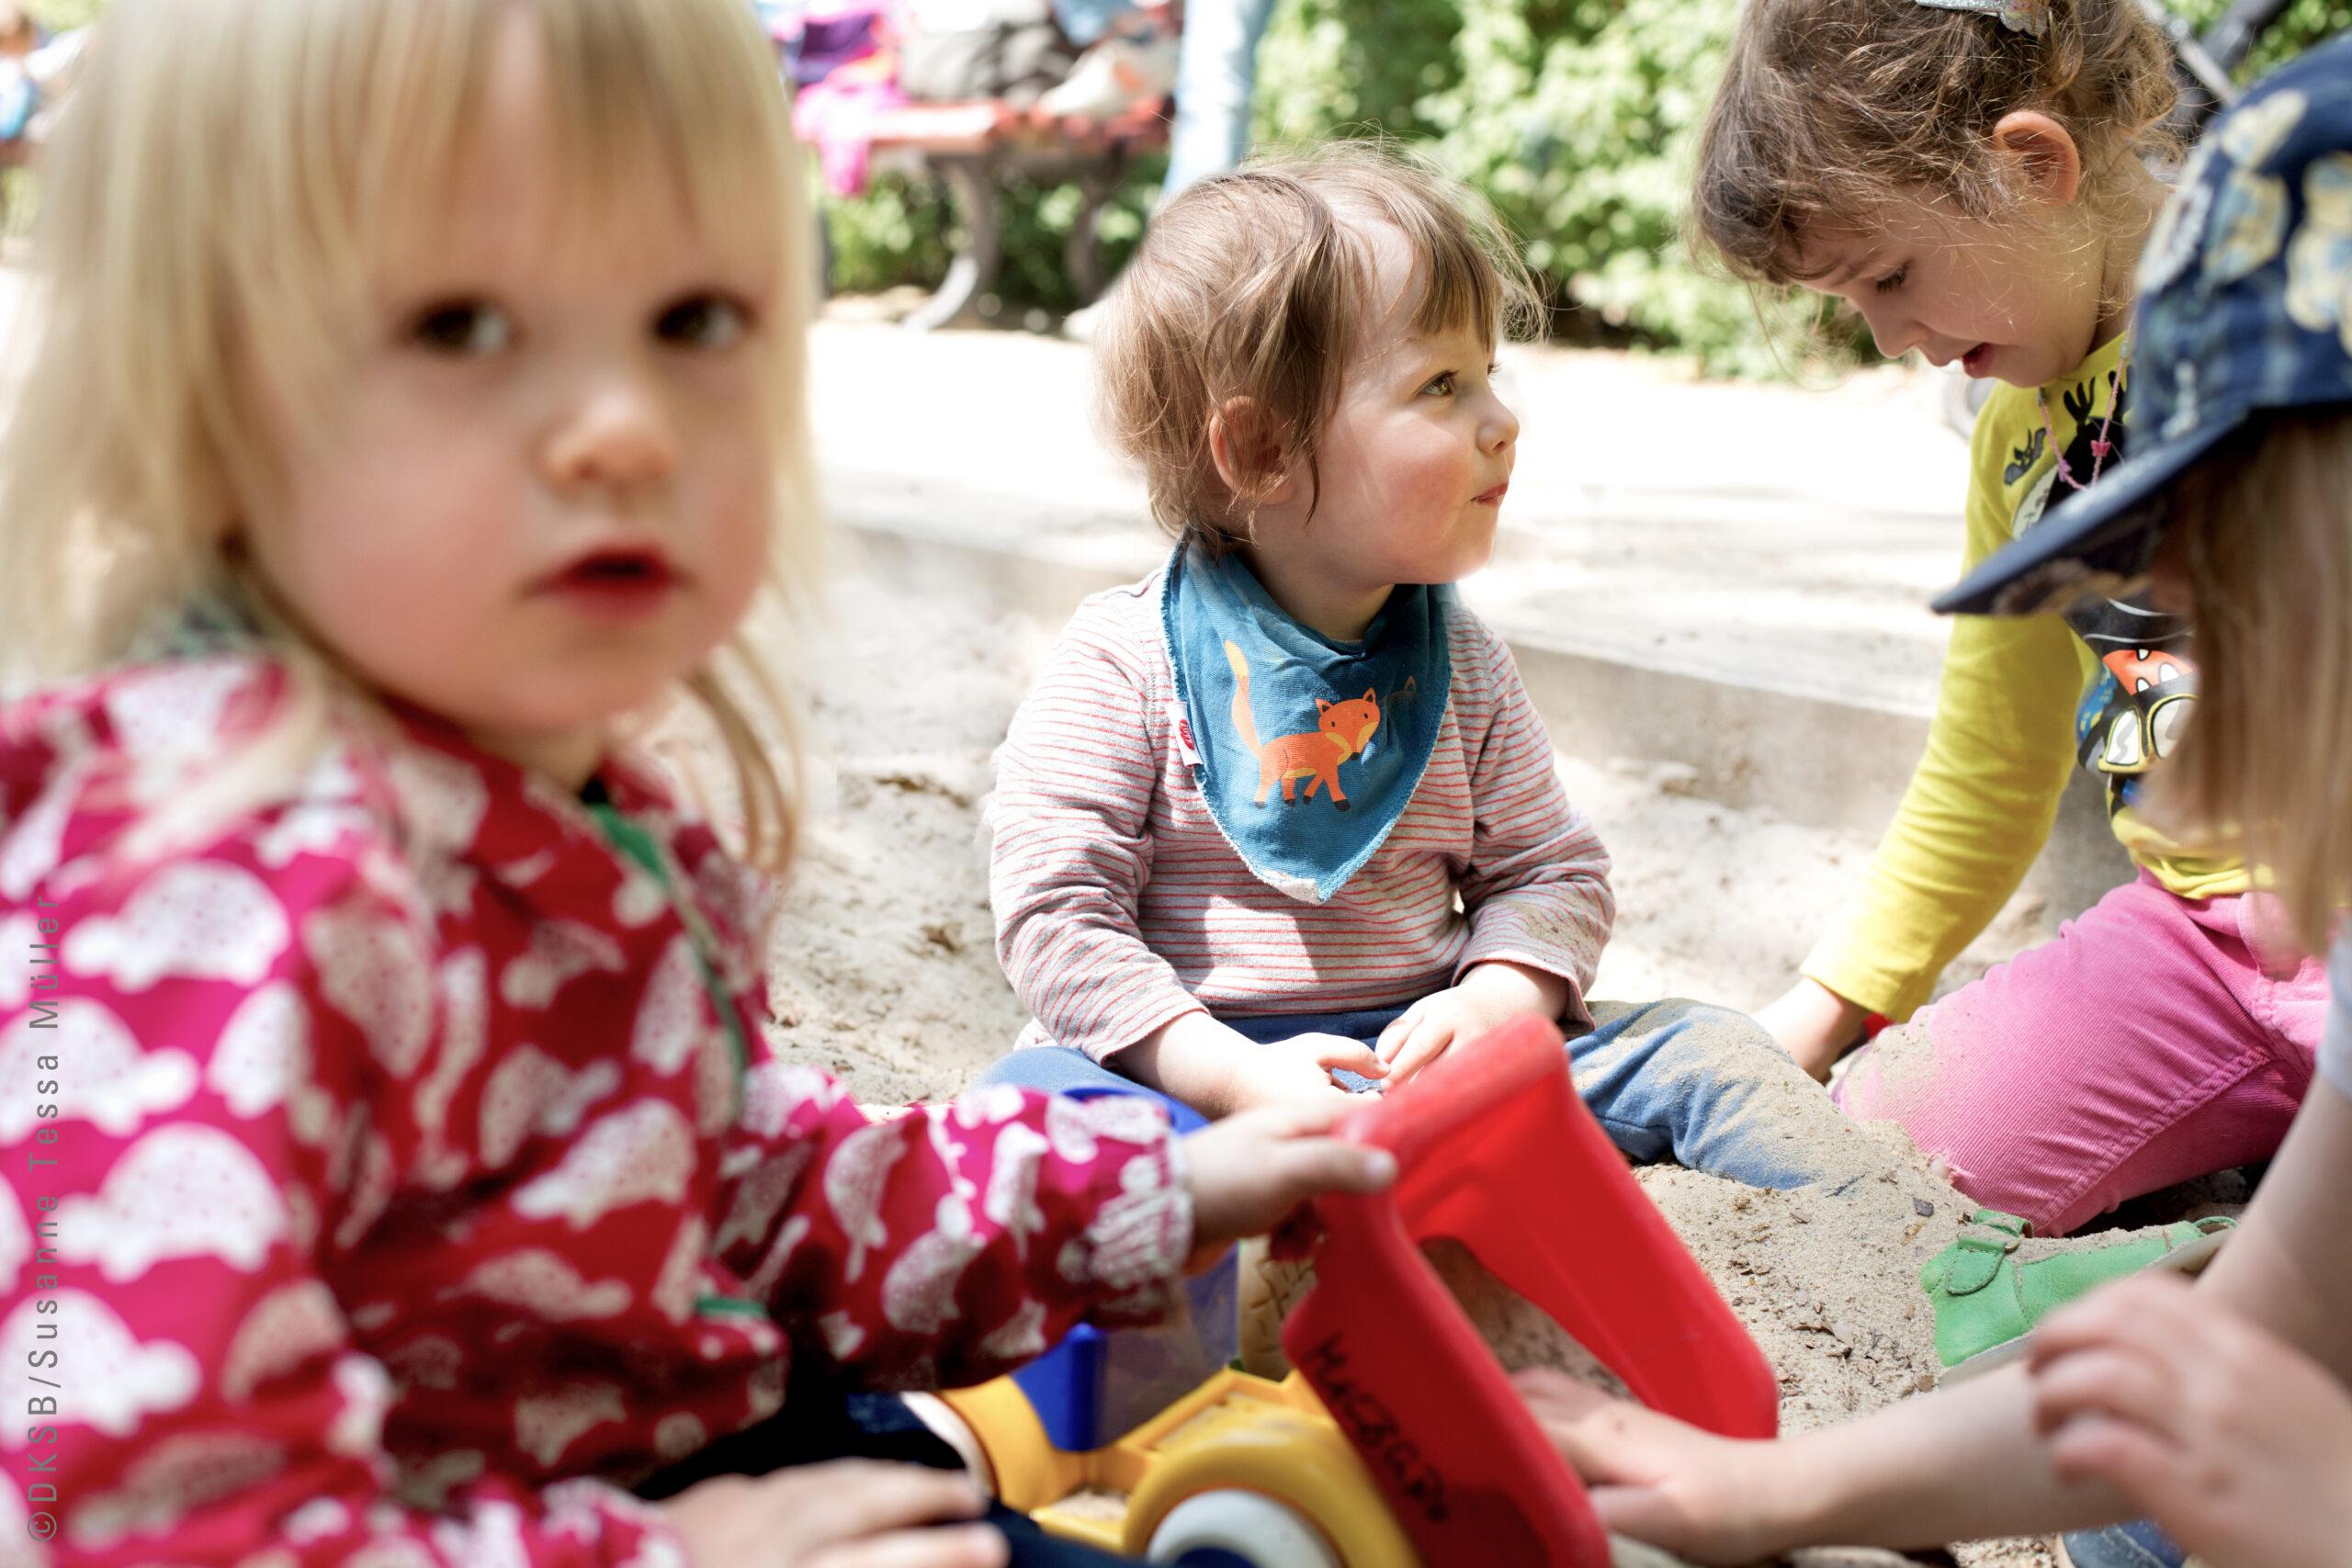 Kinder spielen auf dem Sand